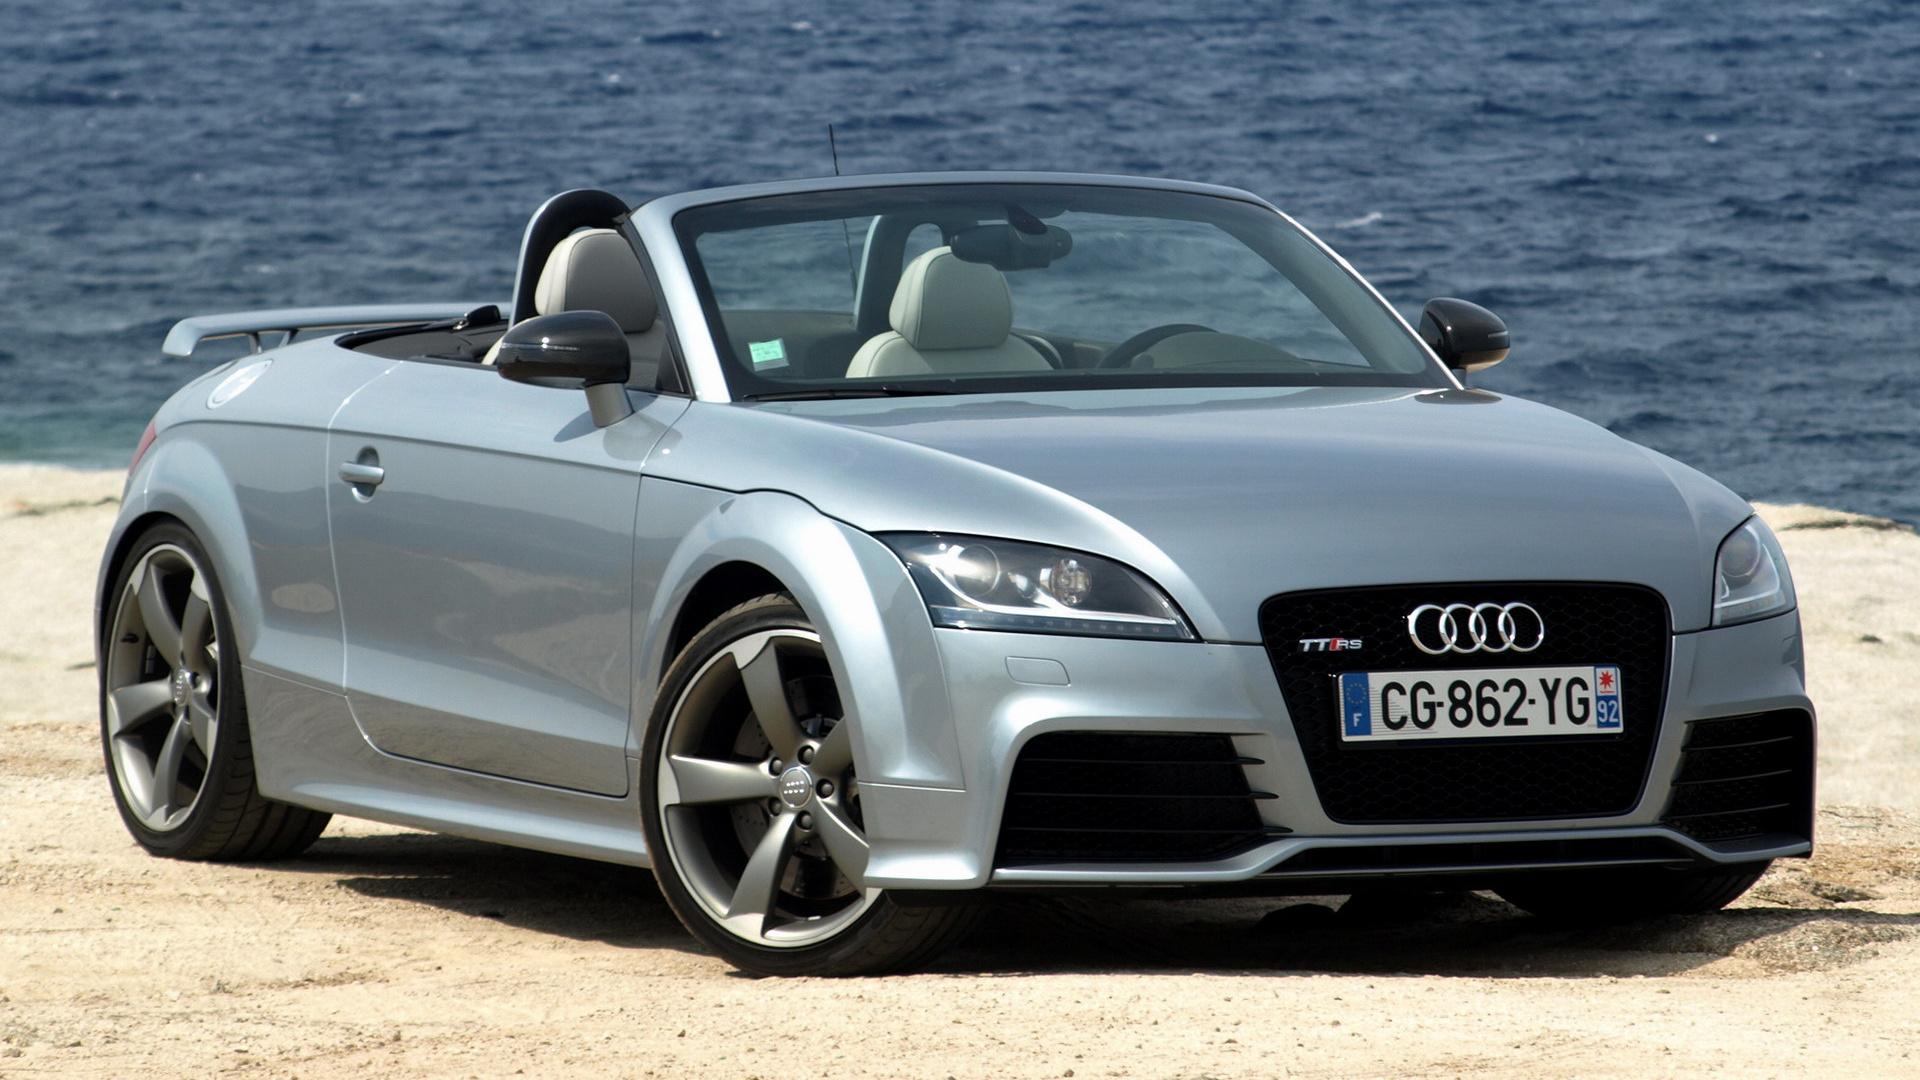 Kelebihan Audi Tt 2009 Review